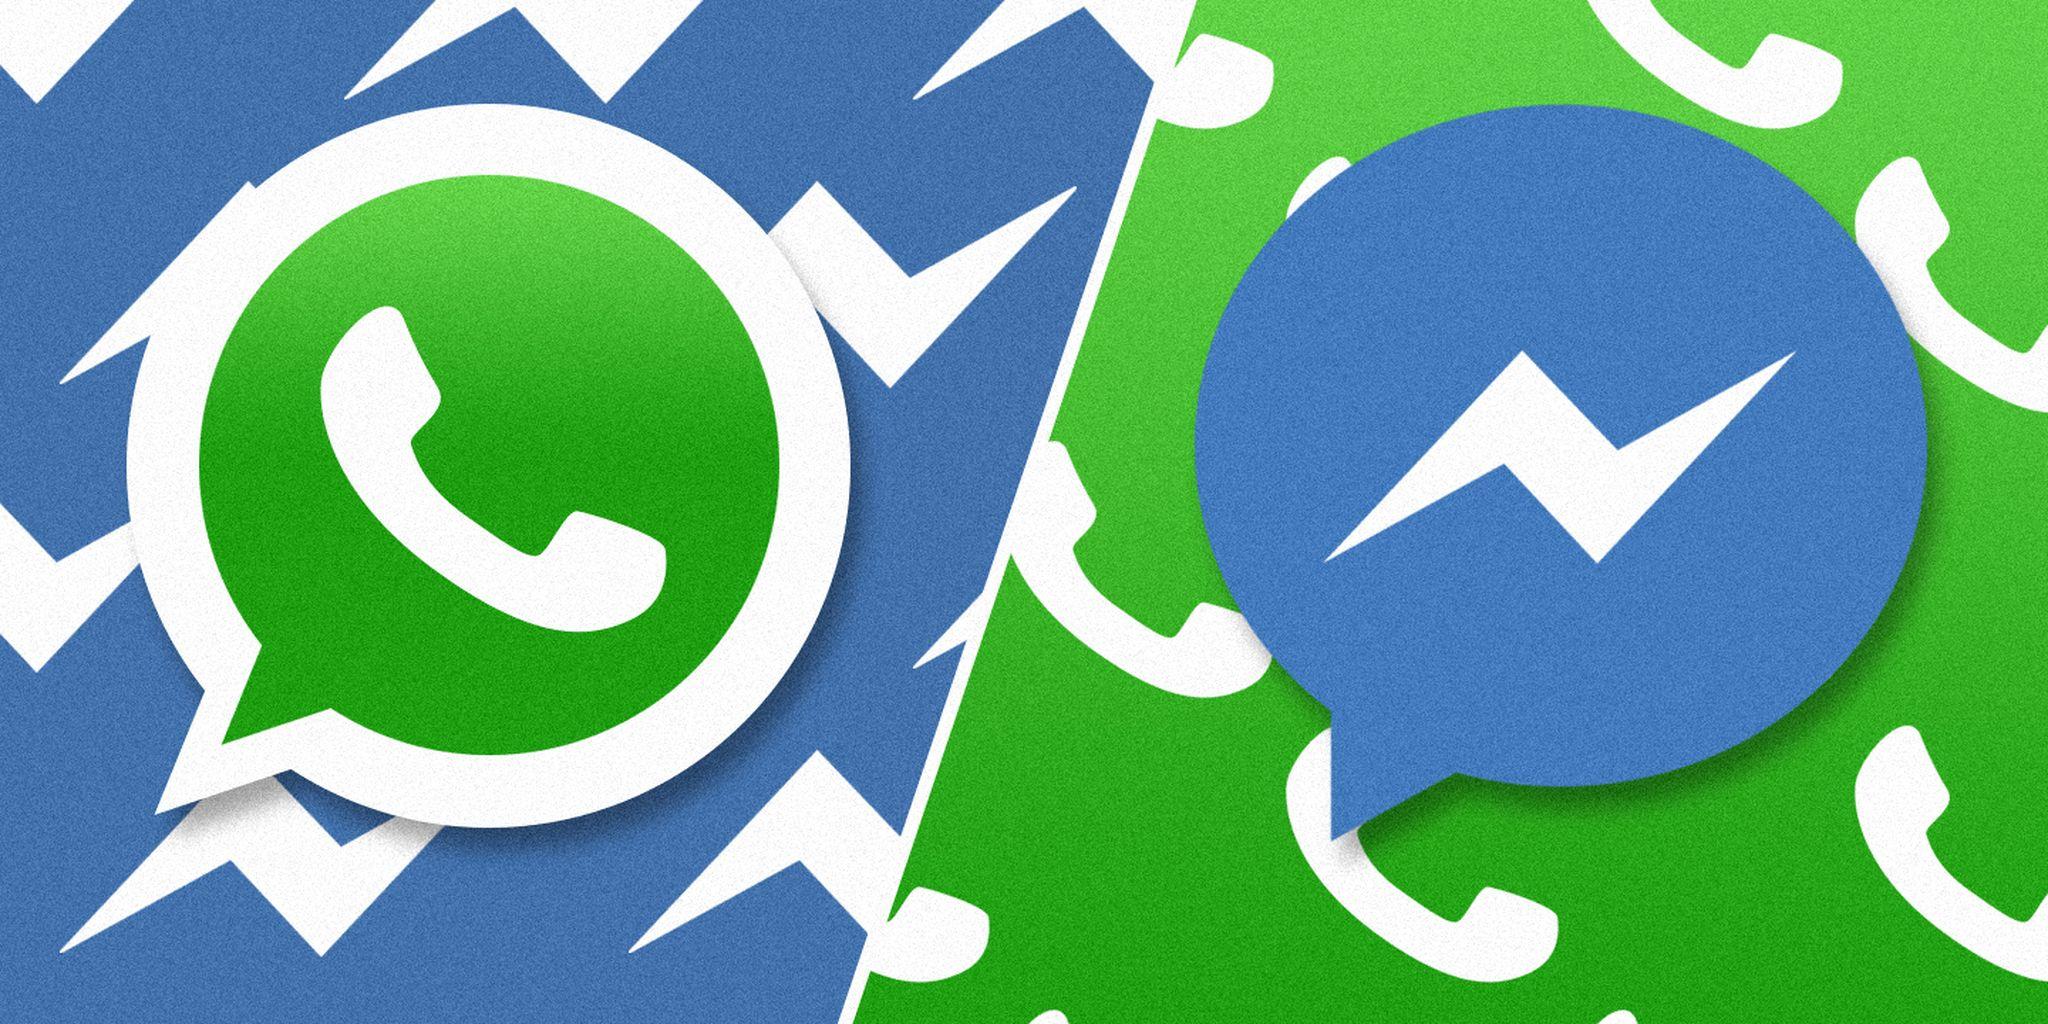 whatsapp takip ediliyor